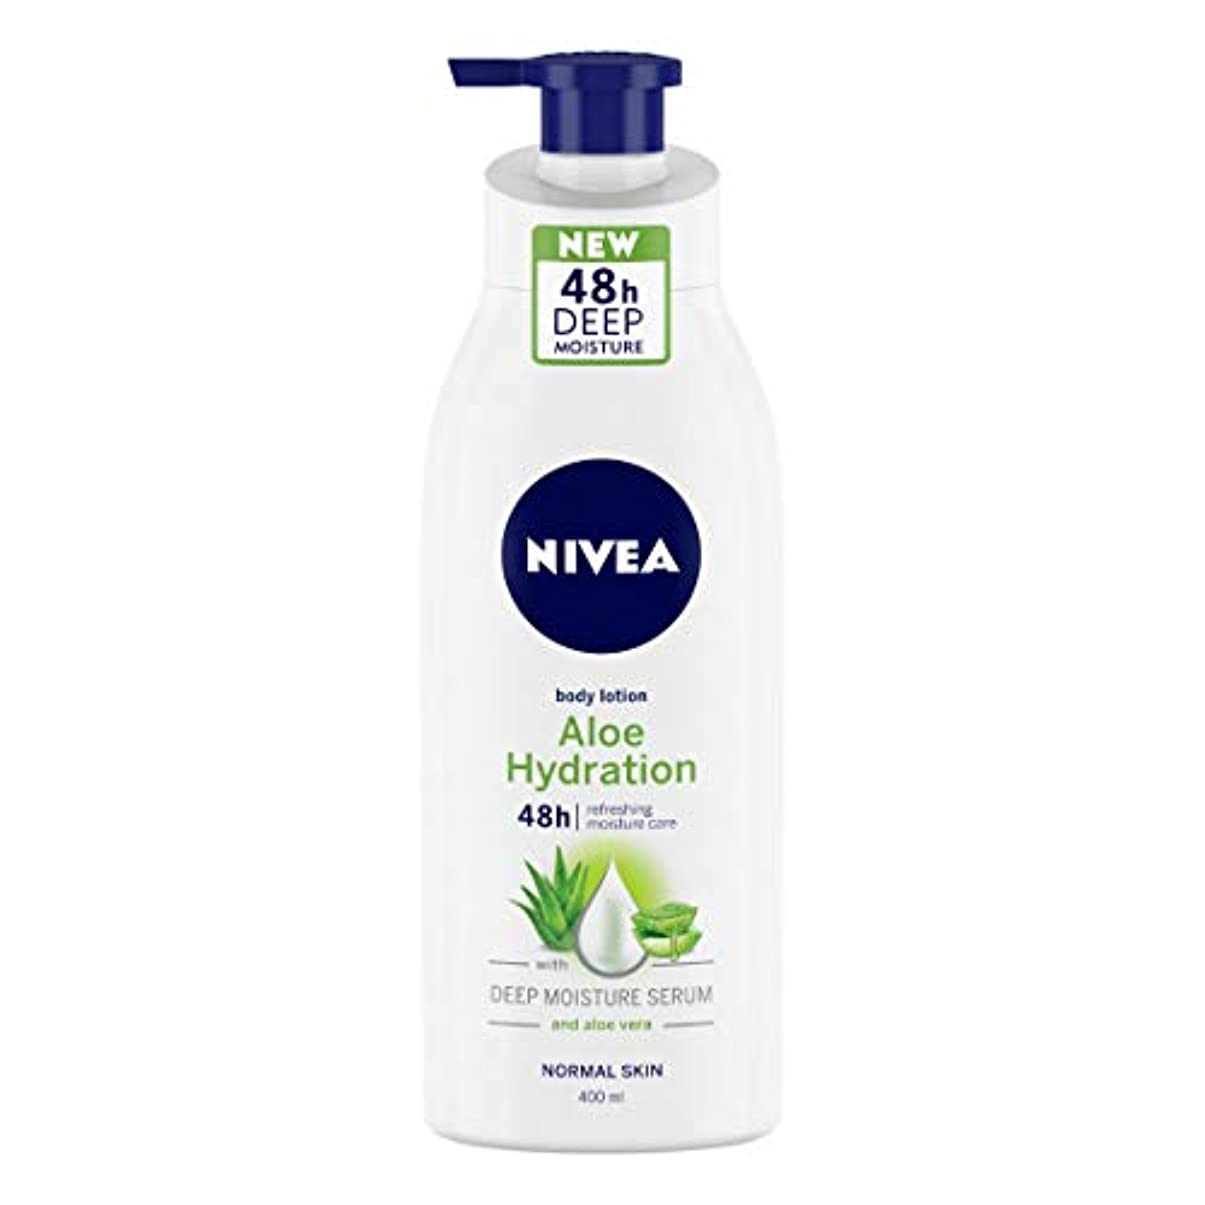 完璧な過敏な忠実にNIVEA Aloe Hydration Body Lotion, 400ml, with deep moisture serum and aloe vera for normal skin